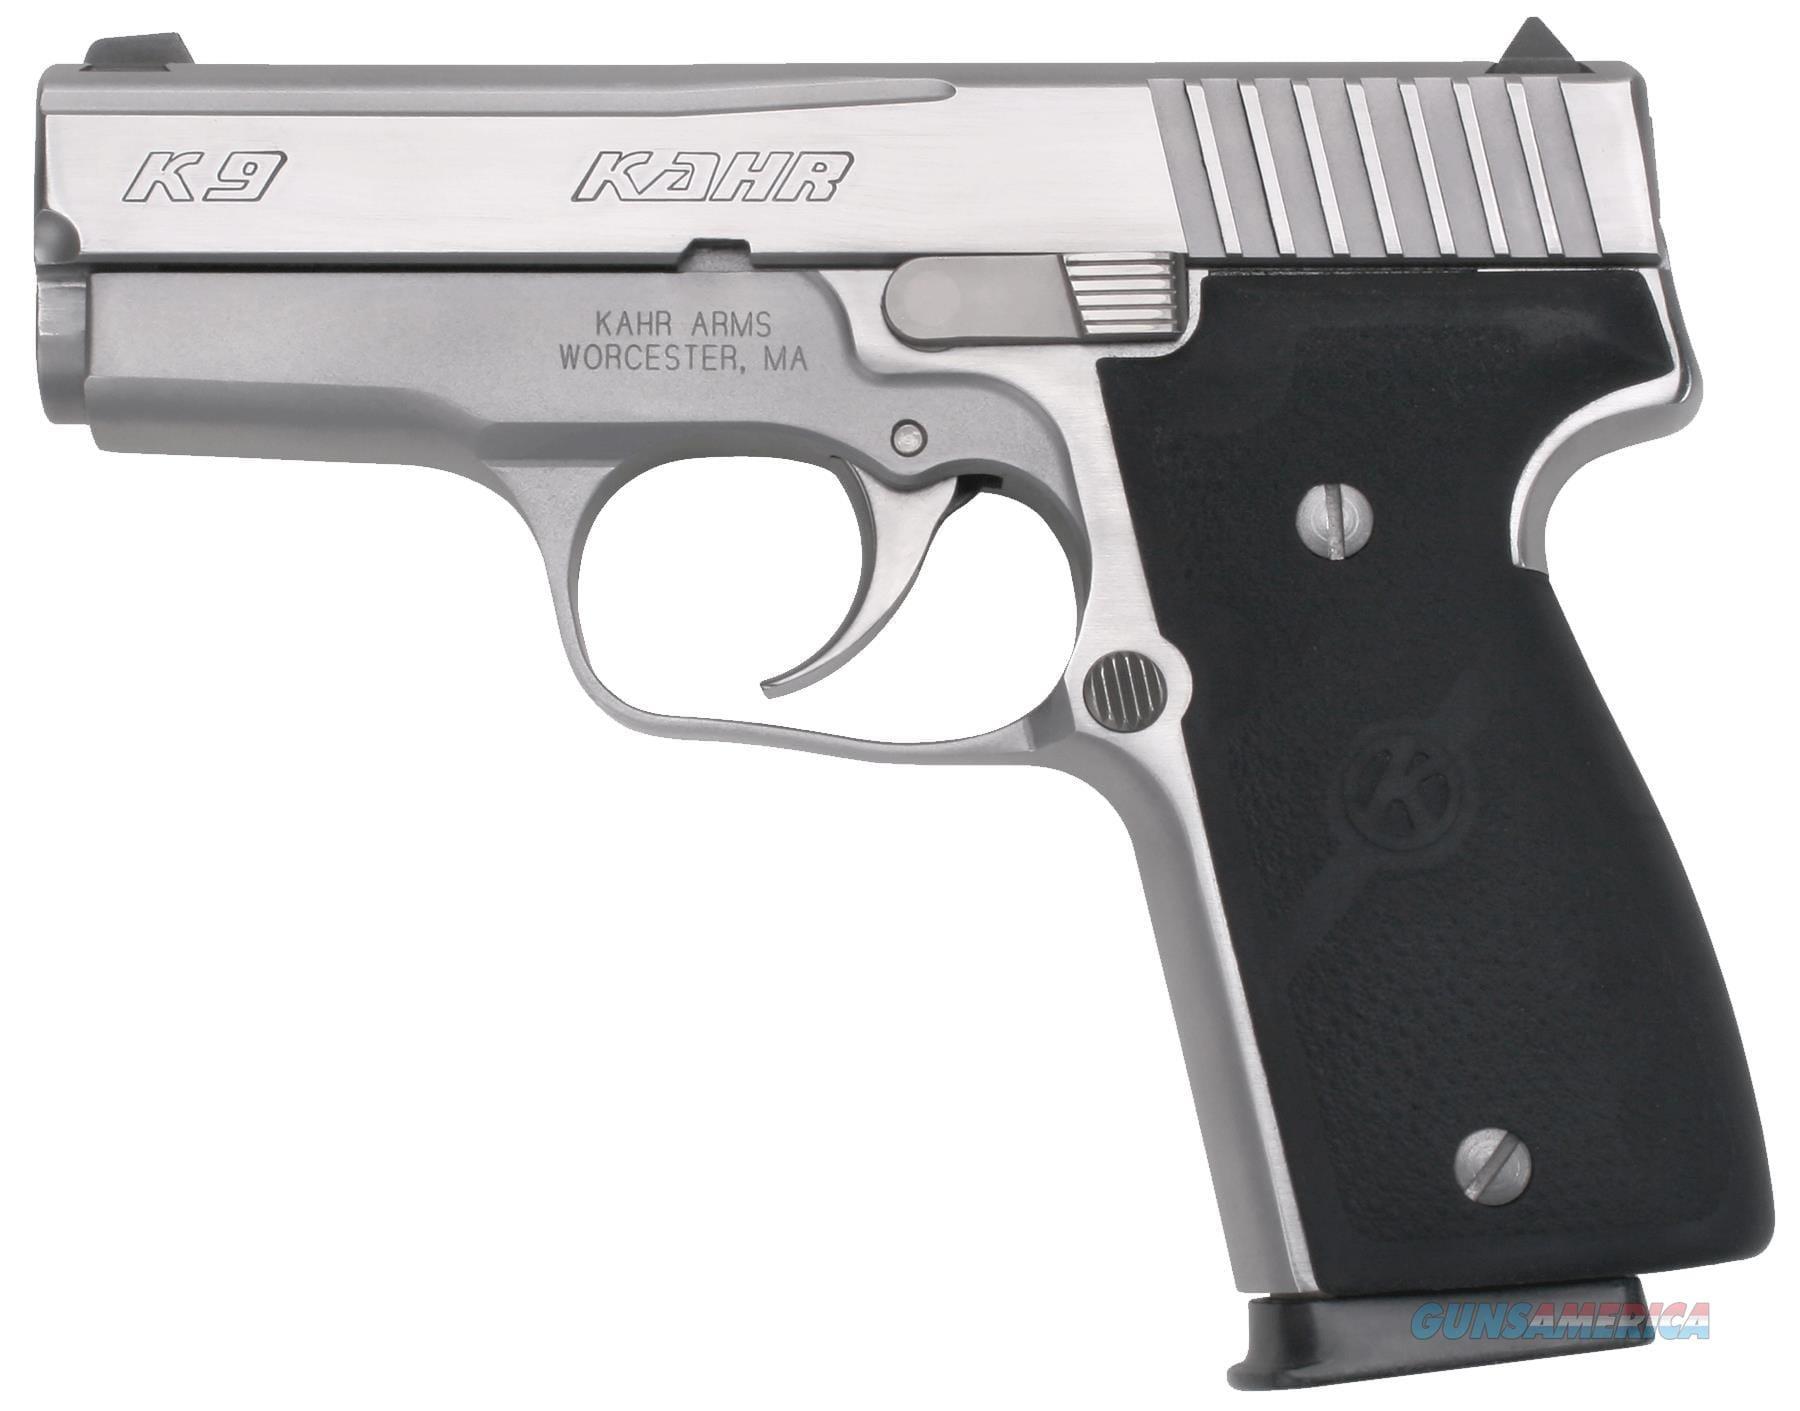 Kahr Arms K9 Compact Pistol